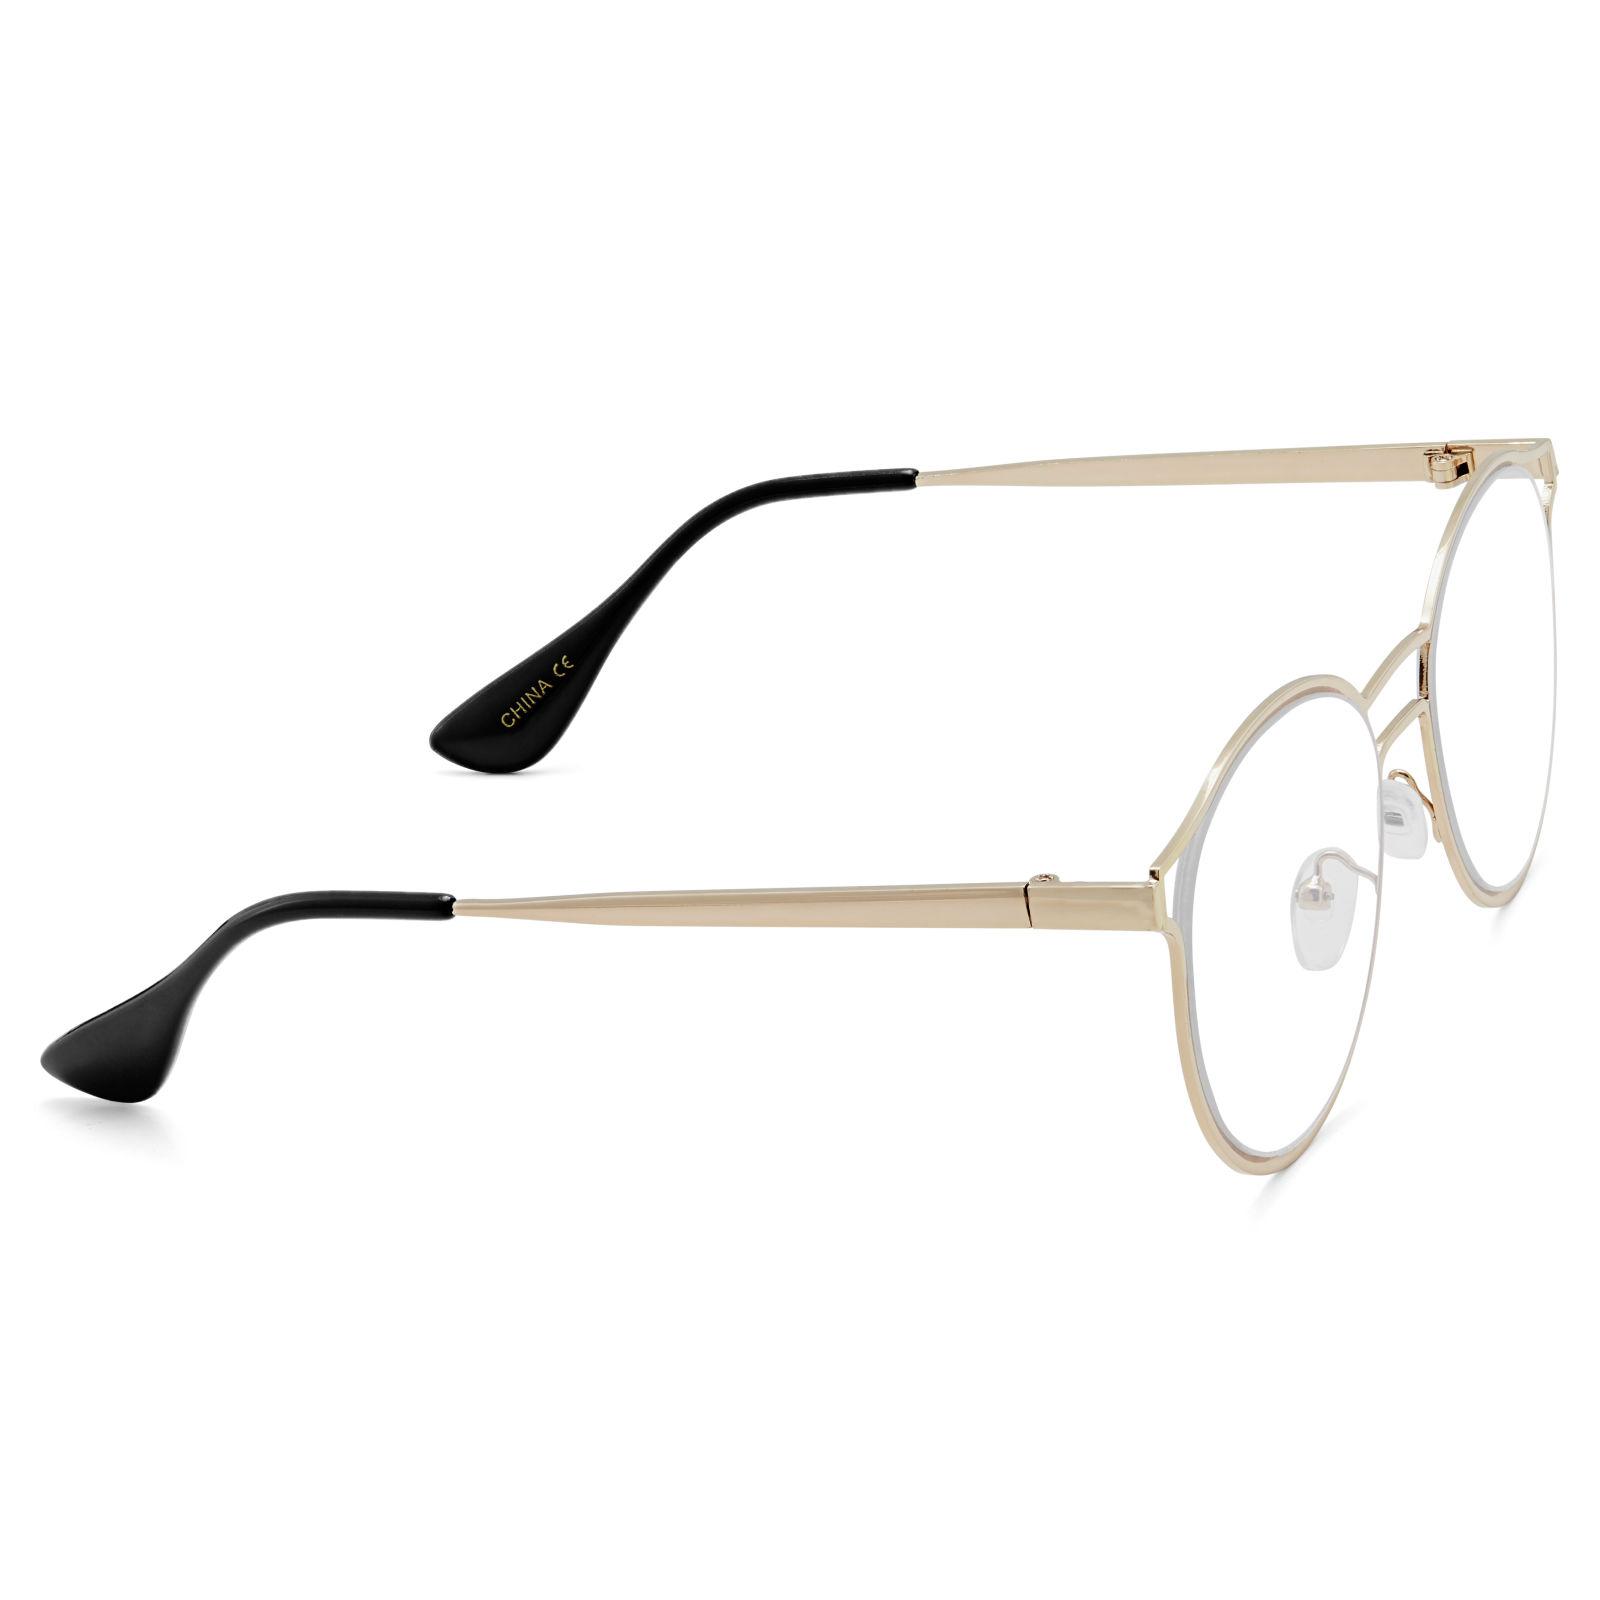 007f5be596b9e Óculos com Armação Dourada O Génio